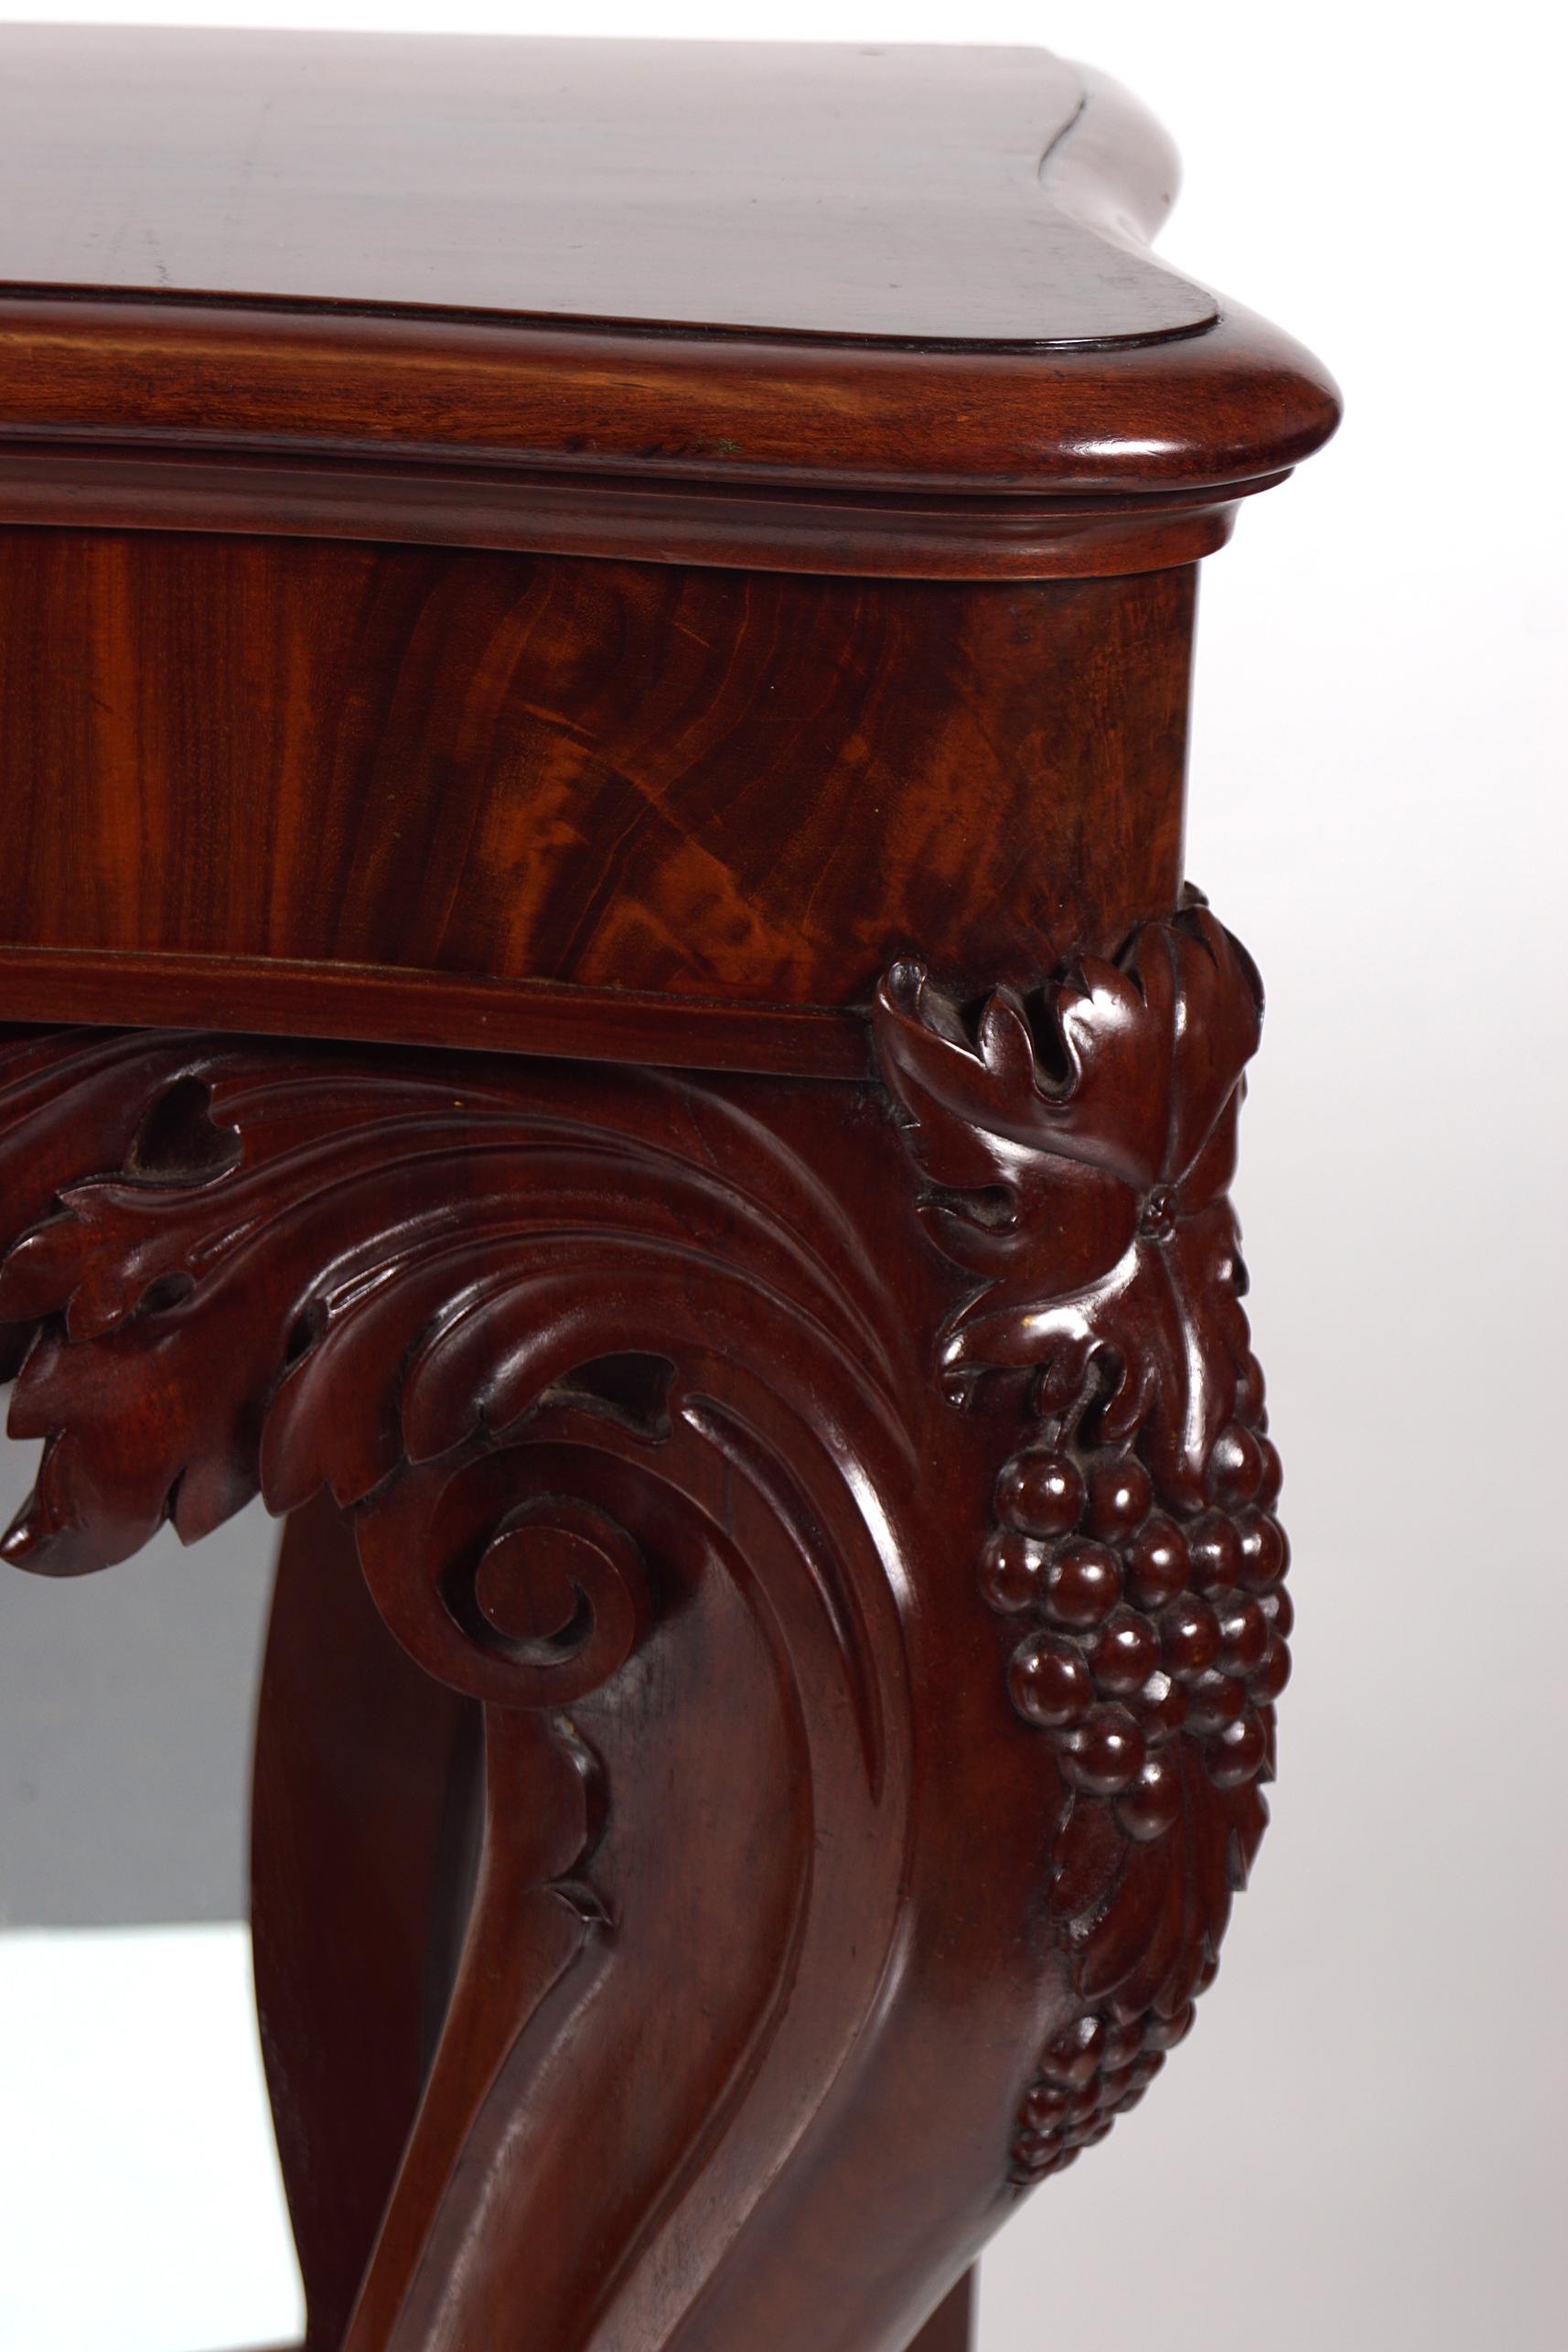 19TH-CENTURY MAHOGANY HALL TABLE - Image 4 of 6